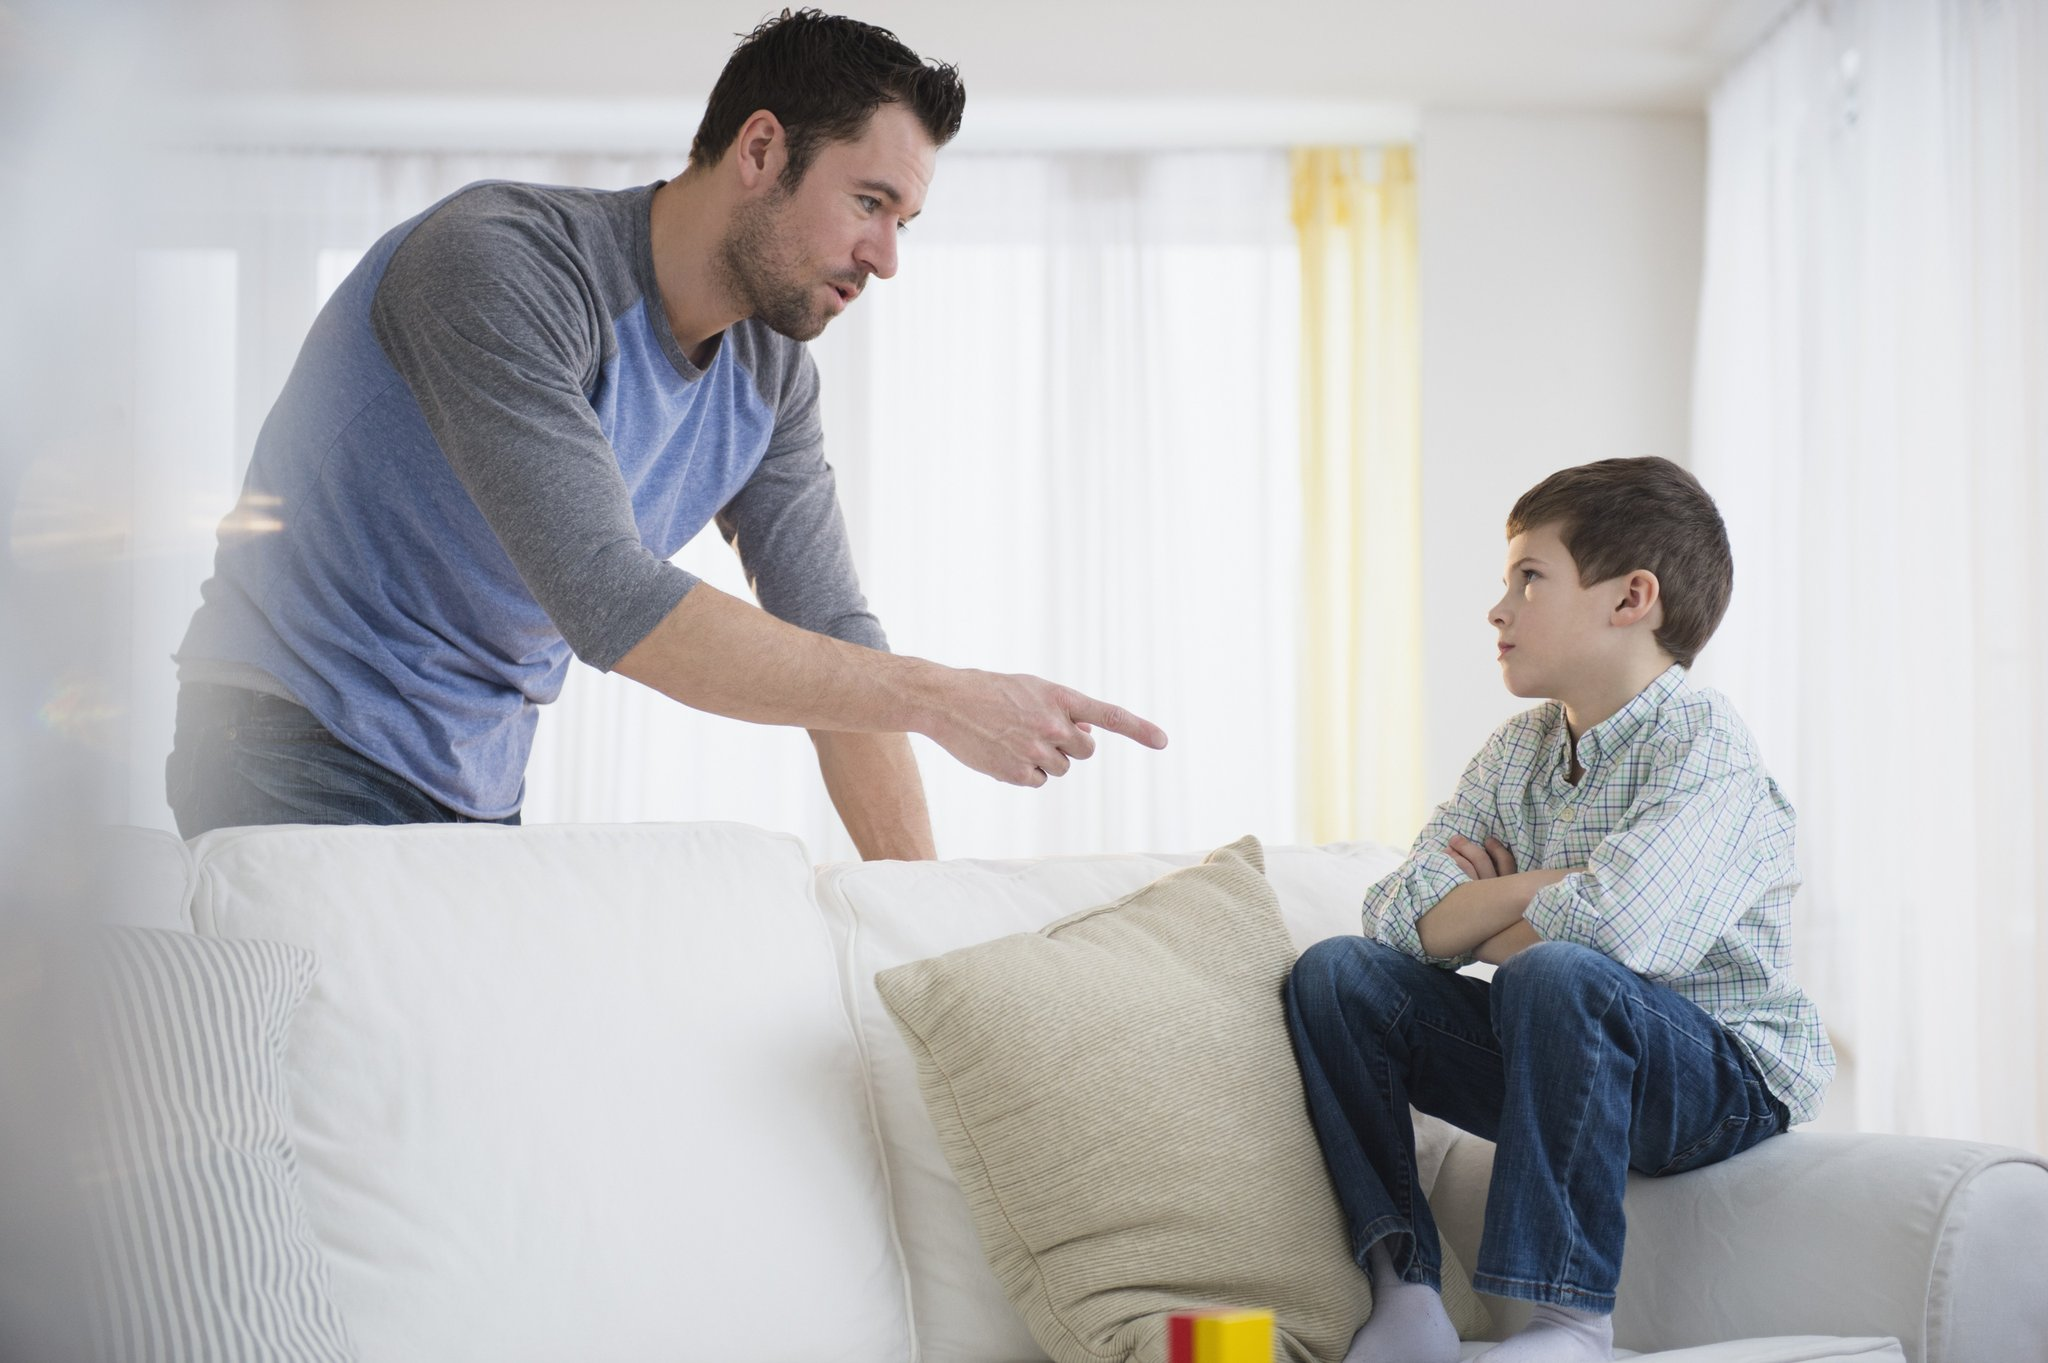 کاردستی بچه 5 ساله 5 اشتباه رایج در تربیت کودکان